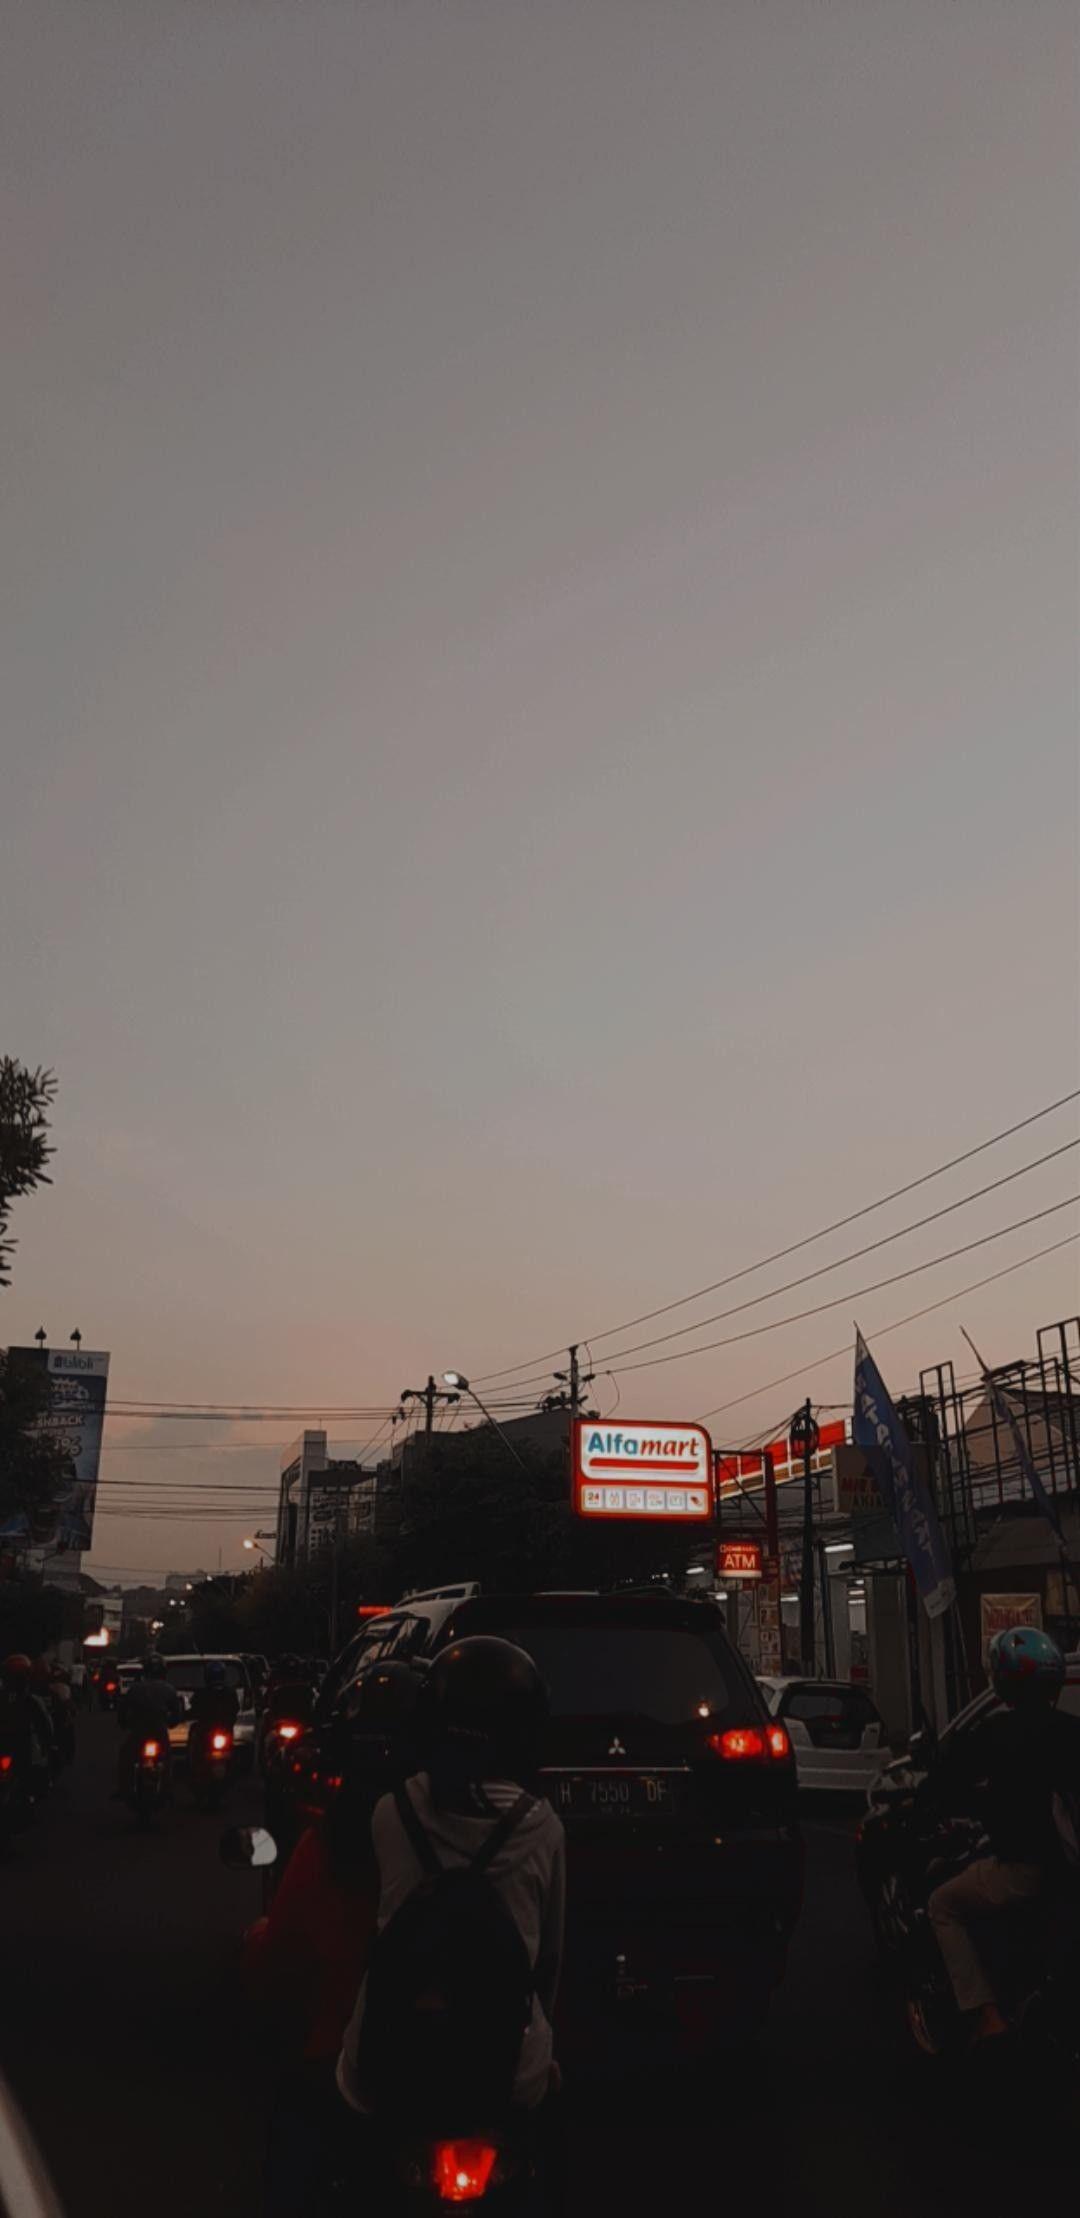 Pin Oleh Katasya Di S K Y N I G H T Fotografi Perjalanan Pemandangan Fotografi Alam